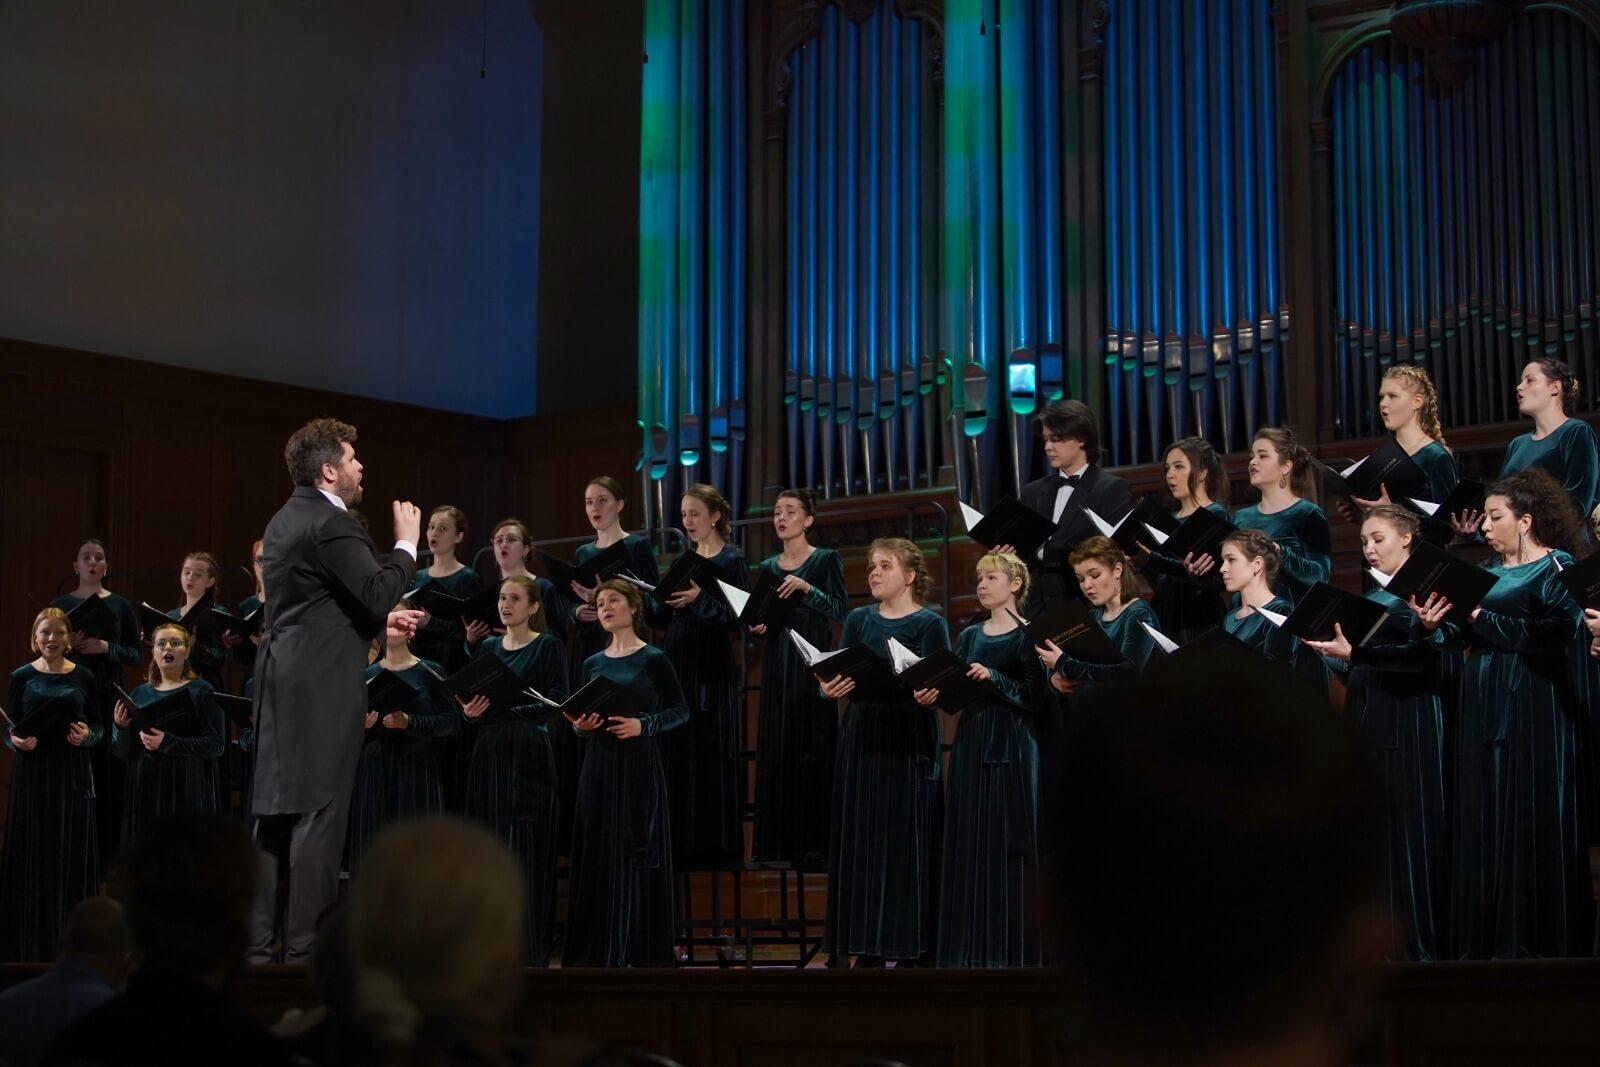 При поддержке РМС в Московской консерватории прошел концерт «Хормейстеры XXI века»